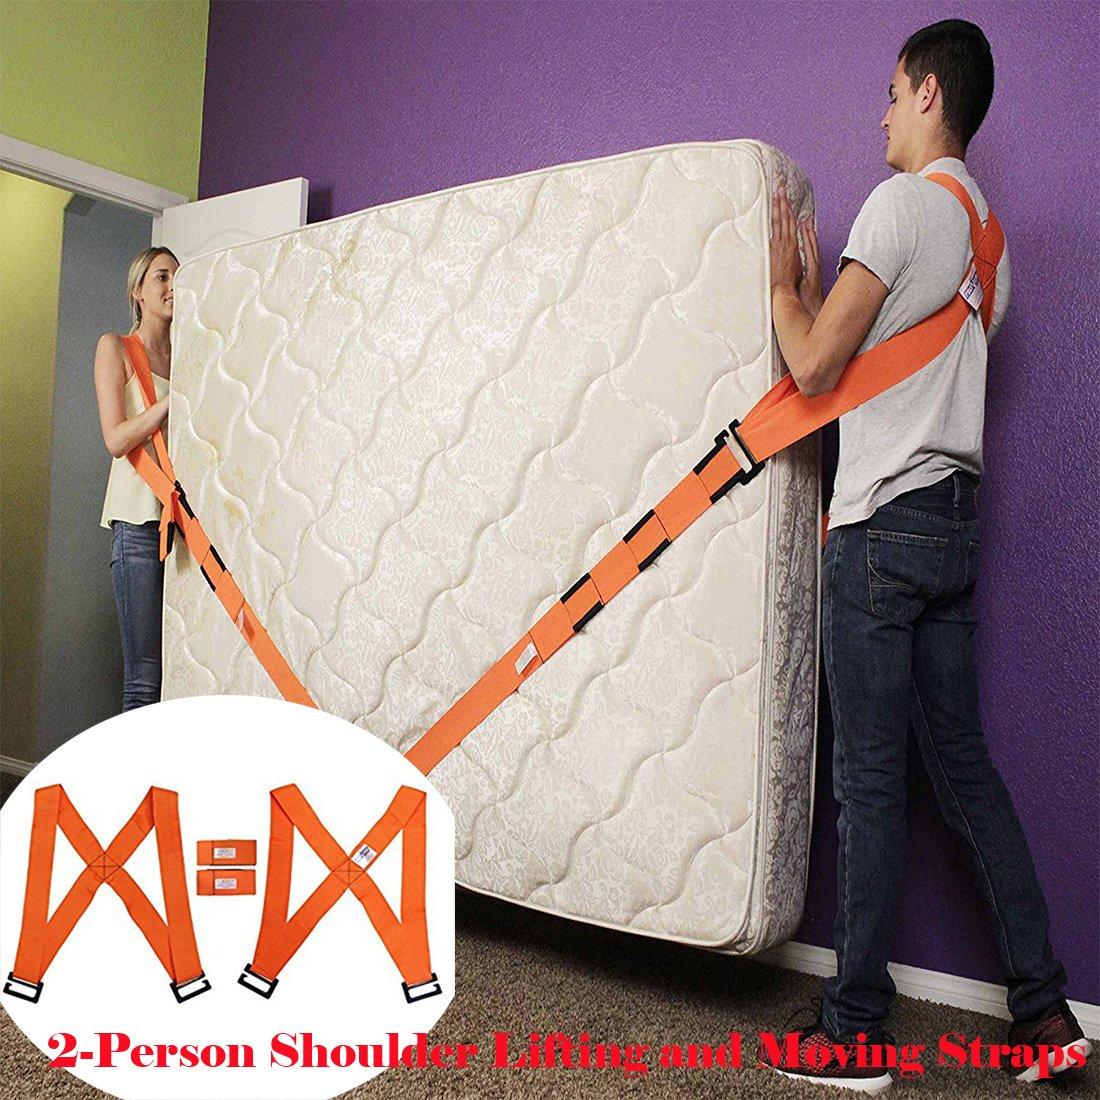 Lennystone Lifting and Moving Straps Sistema de elevació n y movimiento para 2 personas: mueva, transporte, levante muebles, electrodomé sticos y objetos pesados fá cilmente (sistema de elevació n para 2 personas)